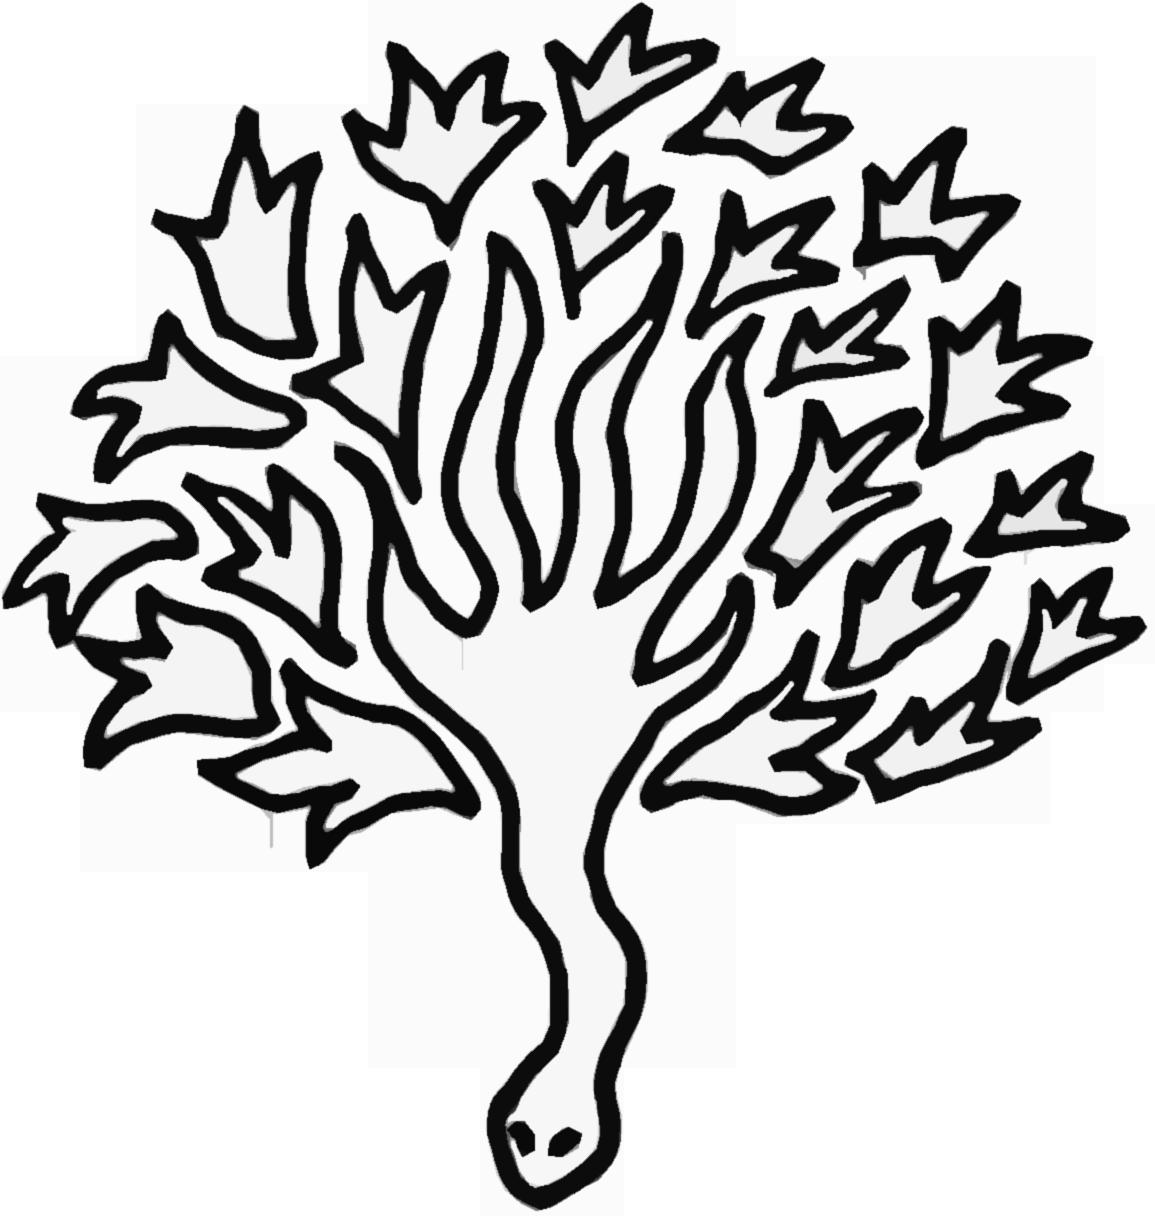 serpent-s-hand-logo.png